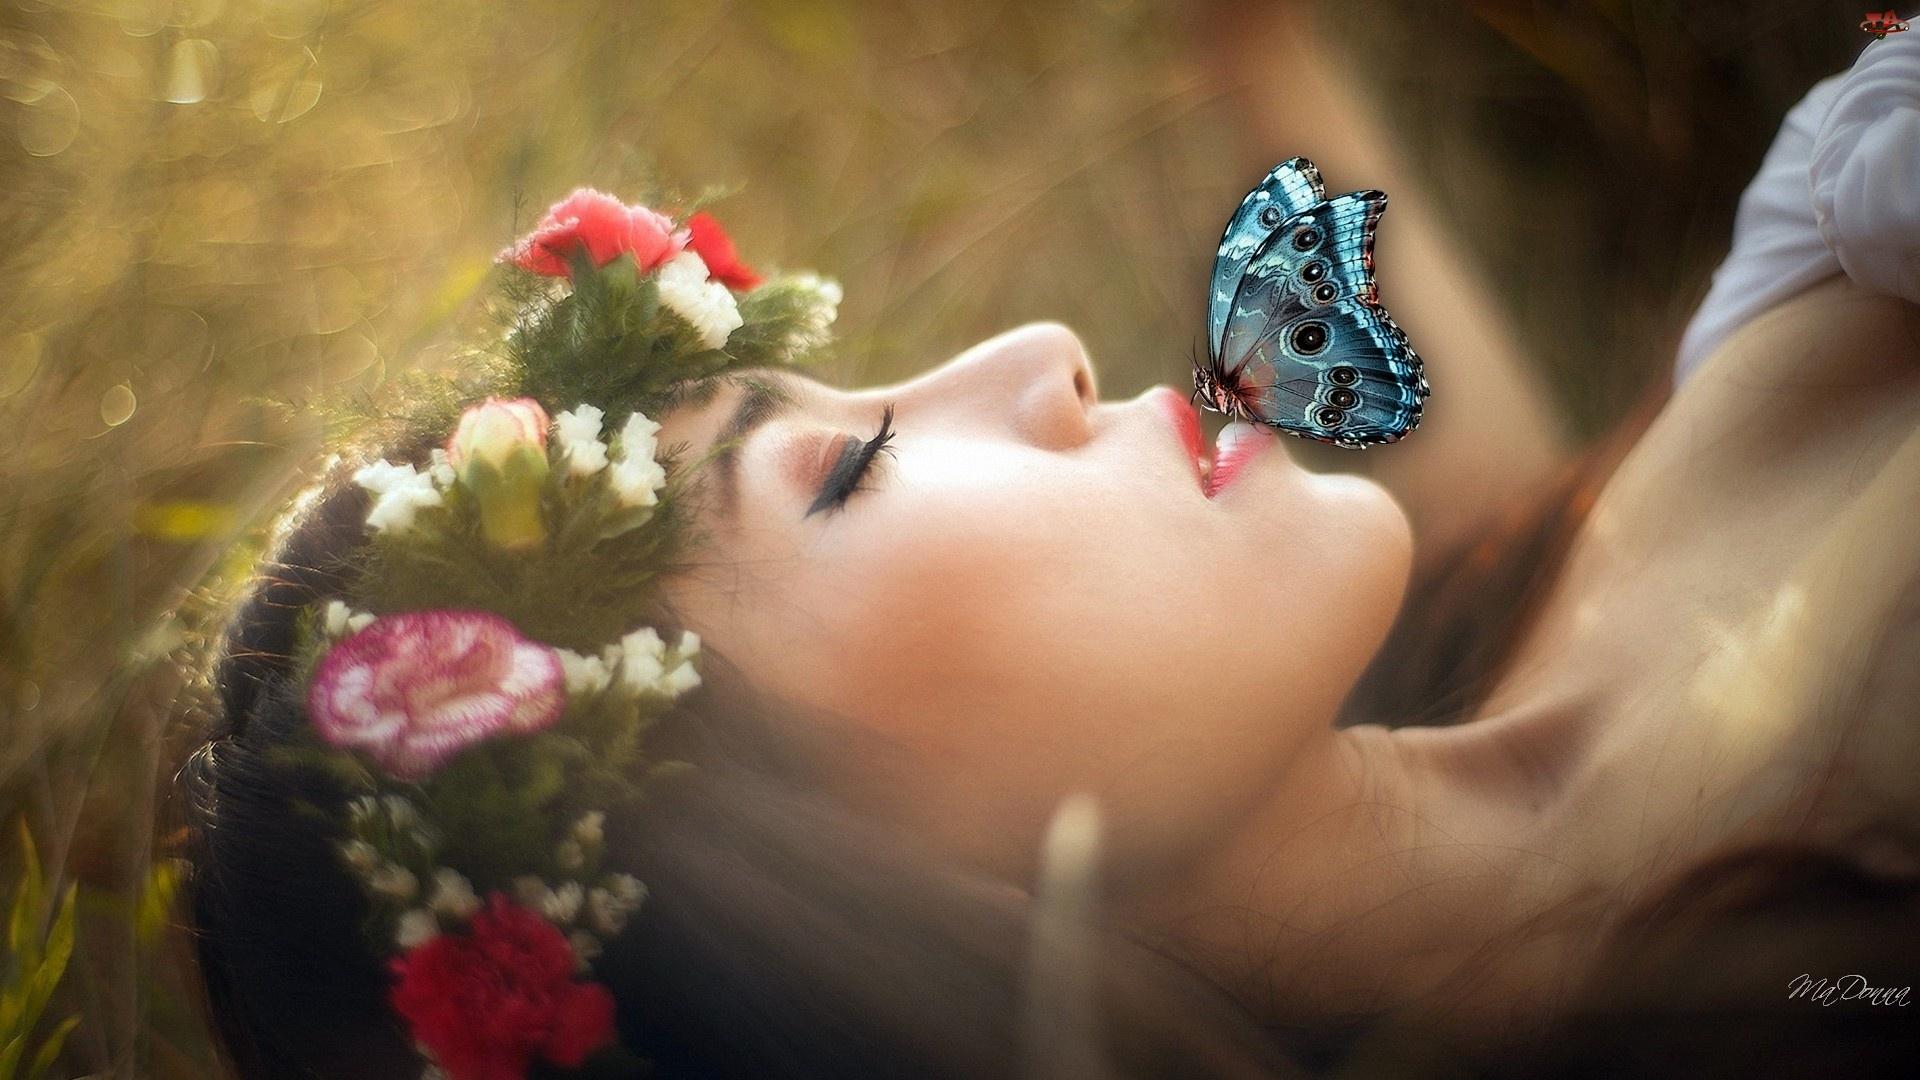 Motyl, Kobieta, Wianek